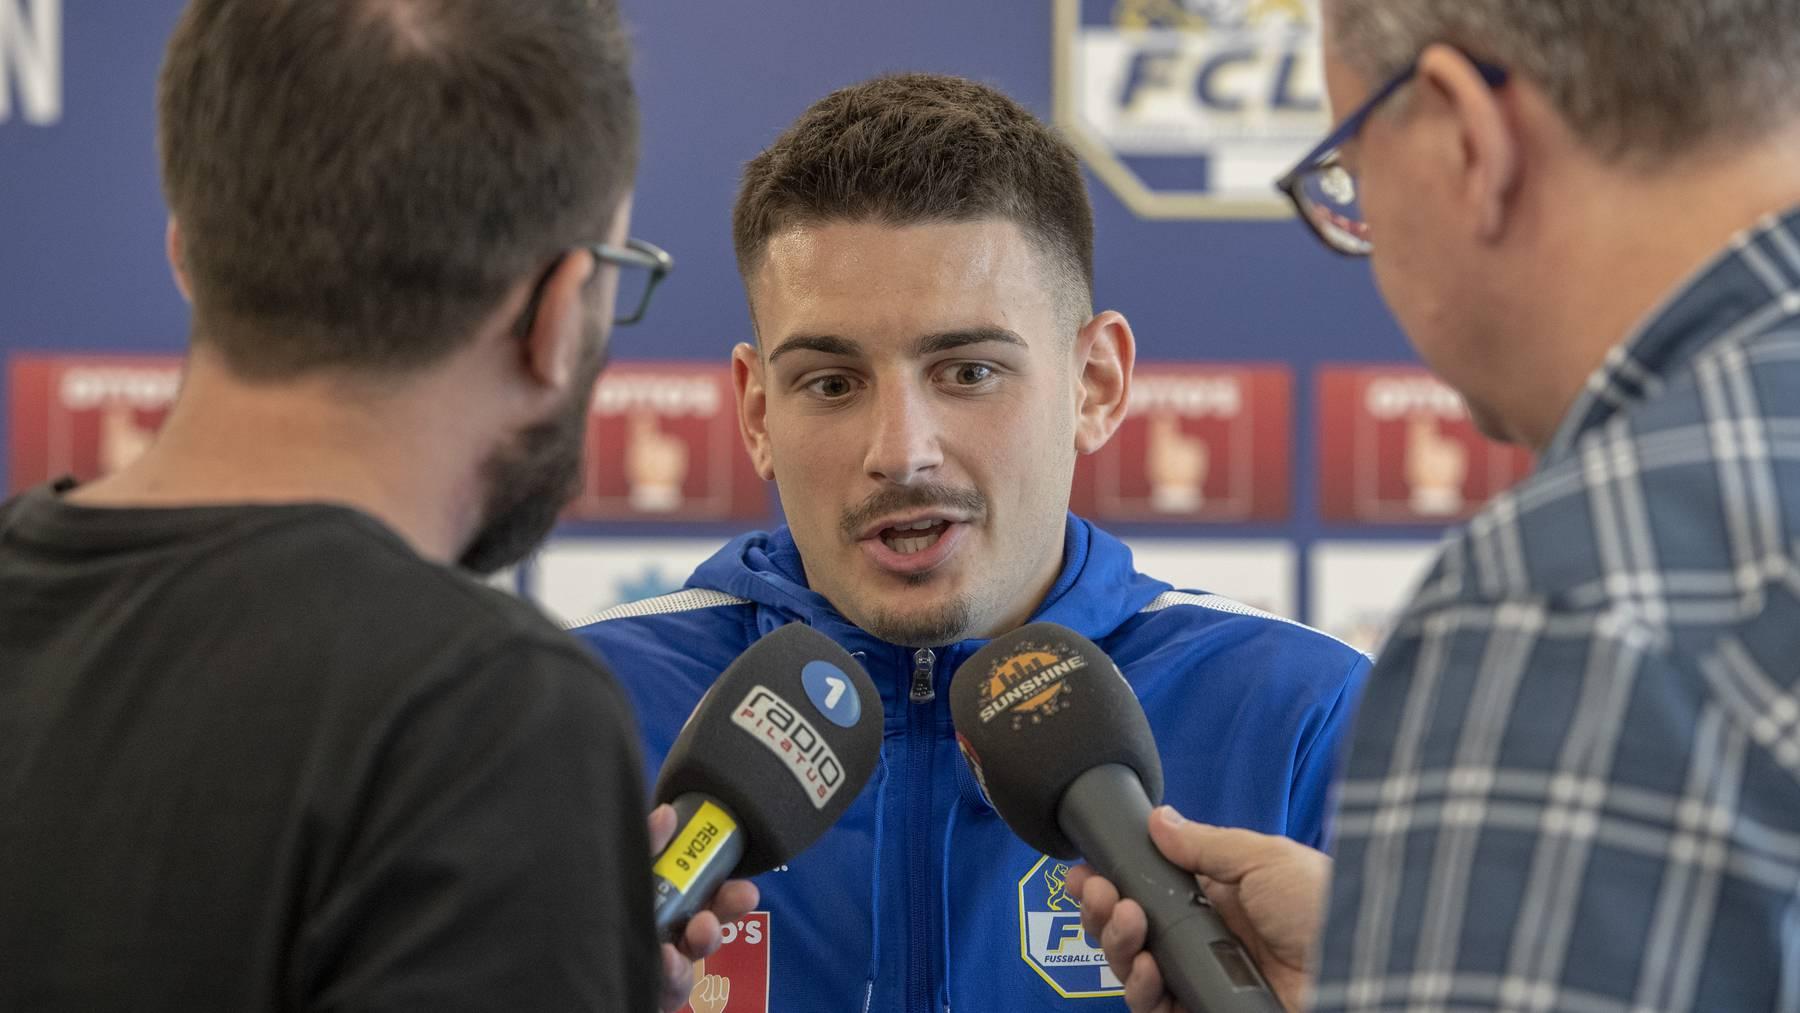 Der Spieler des FC Luzern, Stefan Knezevic waehrend einer Medienkonferenz anlaesslich des ersten Training zur Saison 2019/2020 vom Montag, 17. Juni 2019 in Luzern.